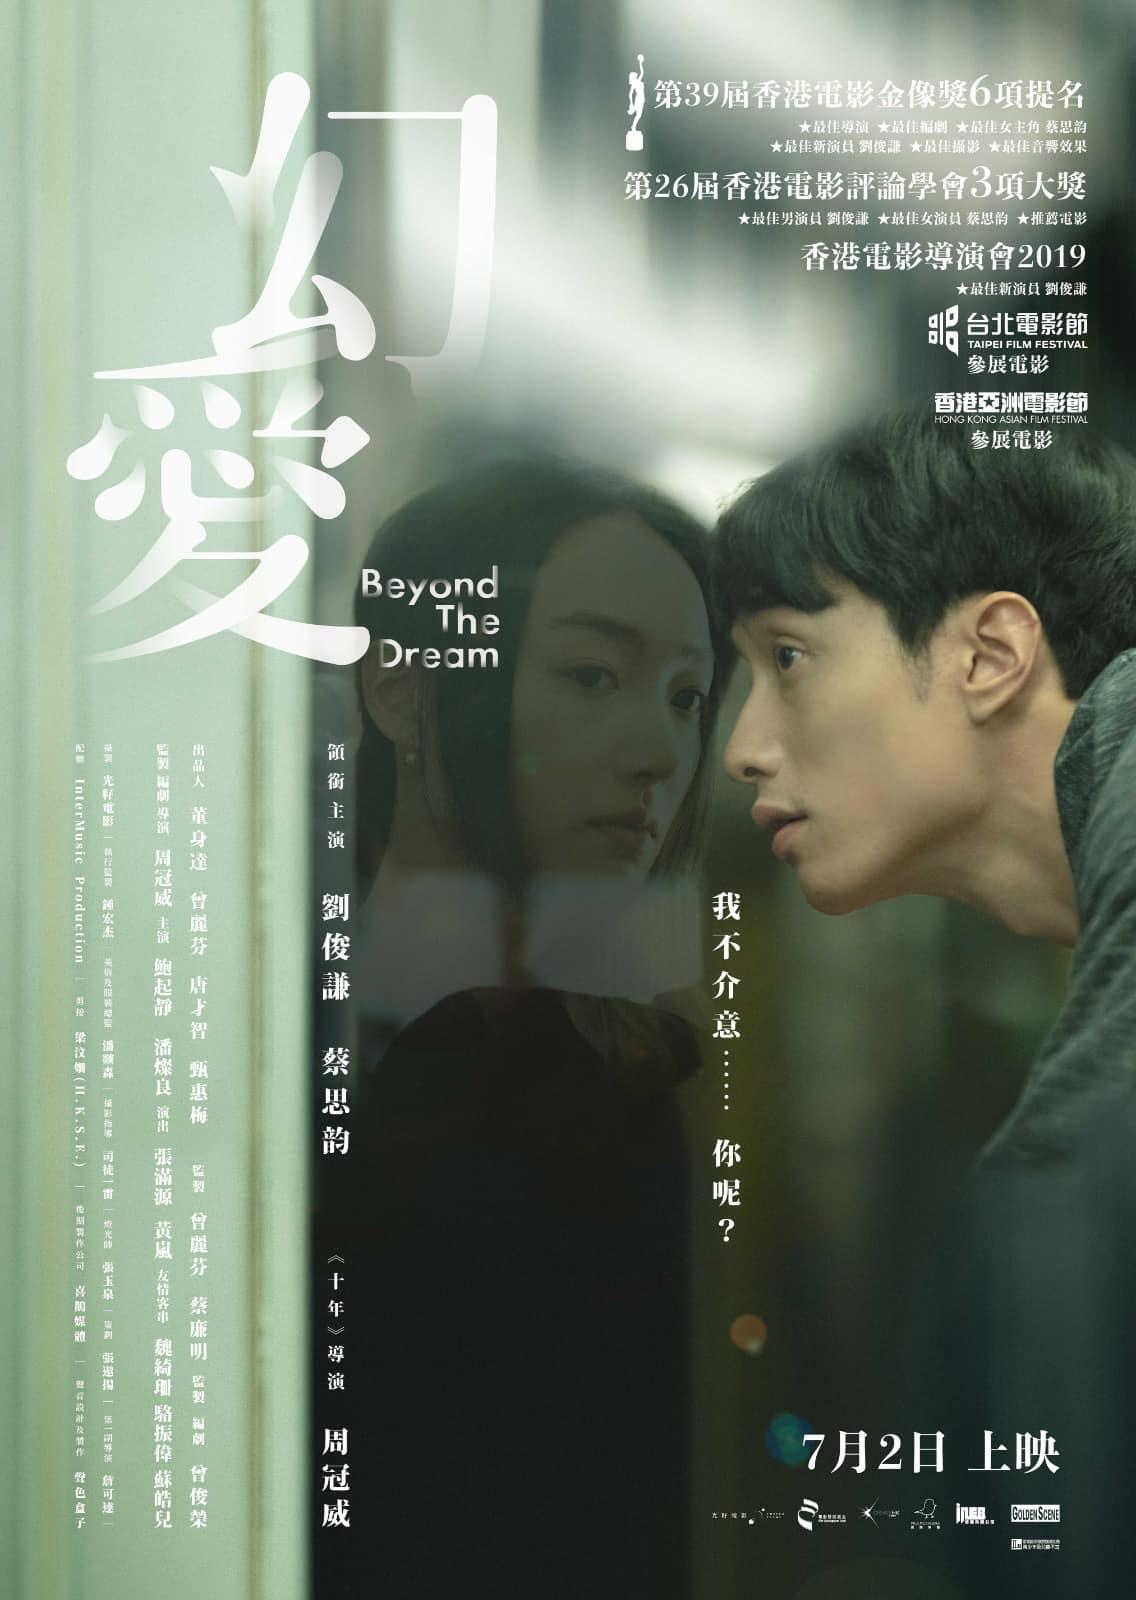 《幻愛》上映一周破400萬票房!劉俊謙、蔡思韵周六屯門謝票